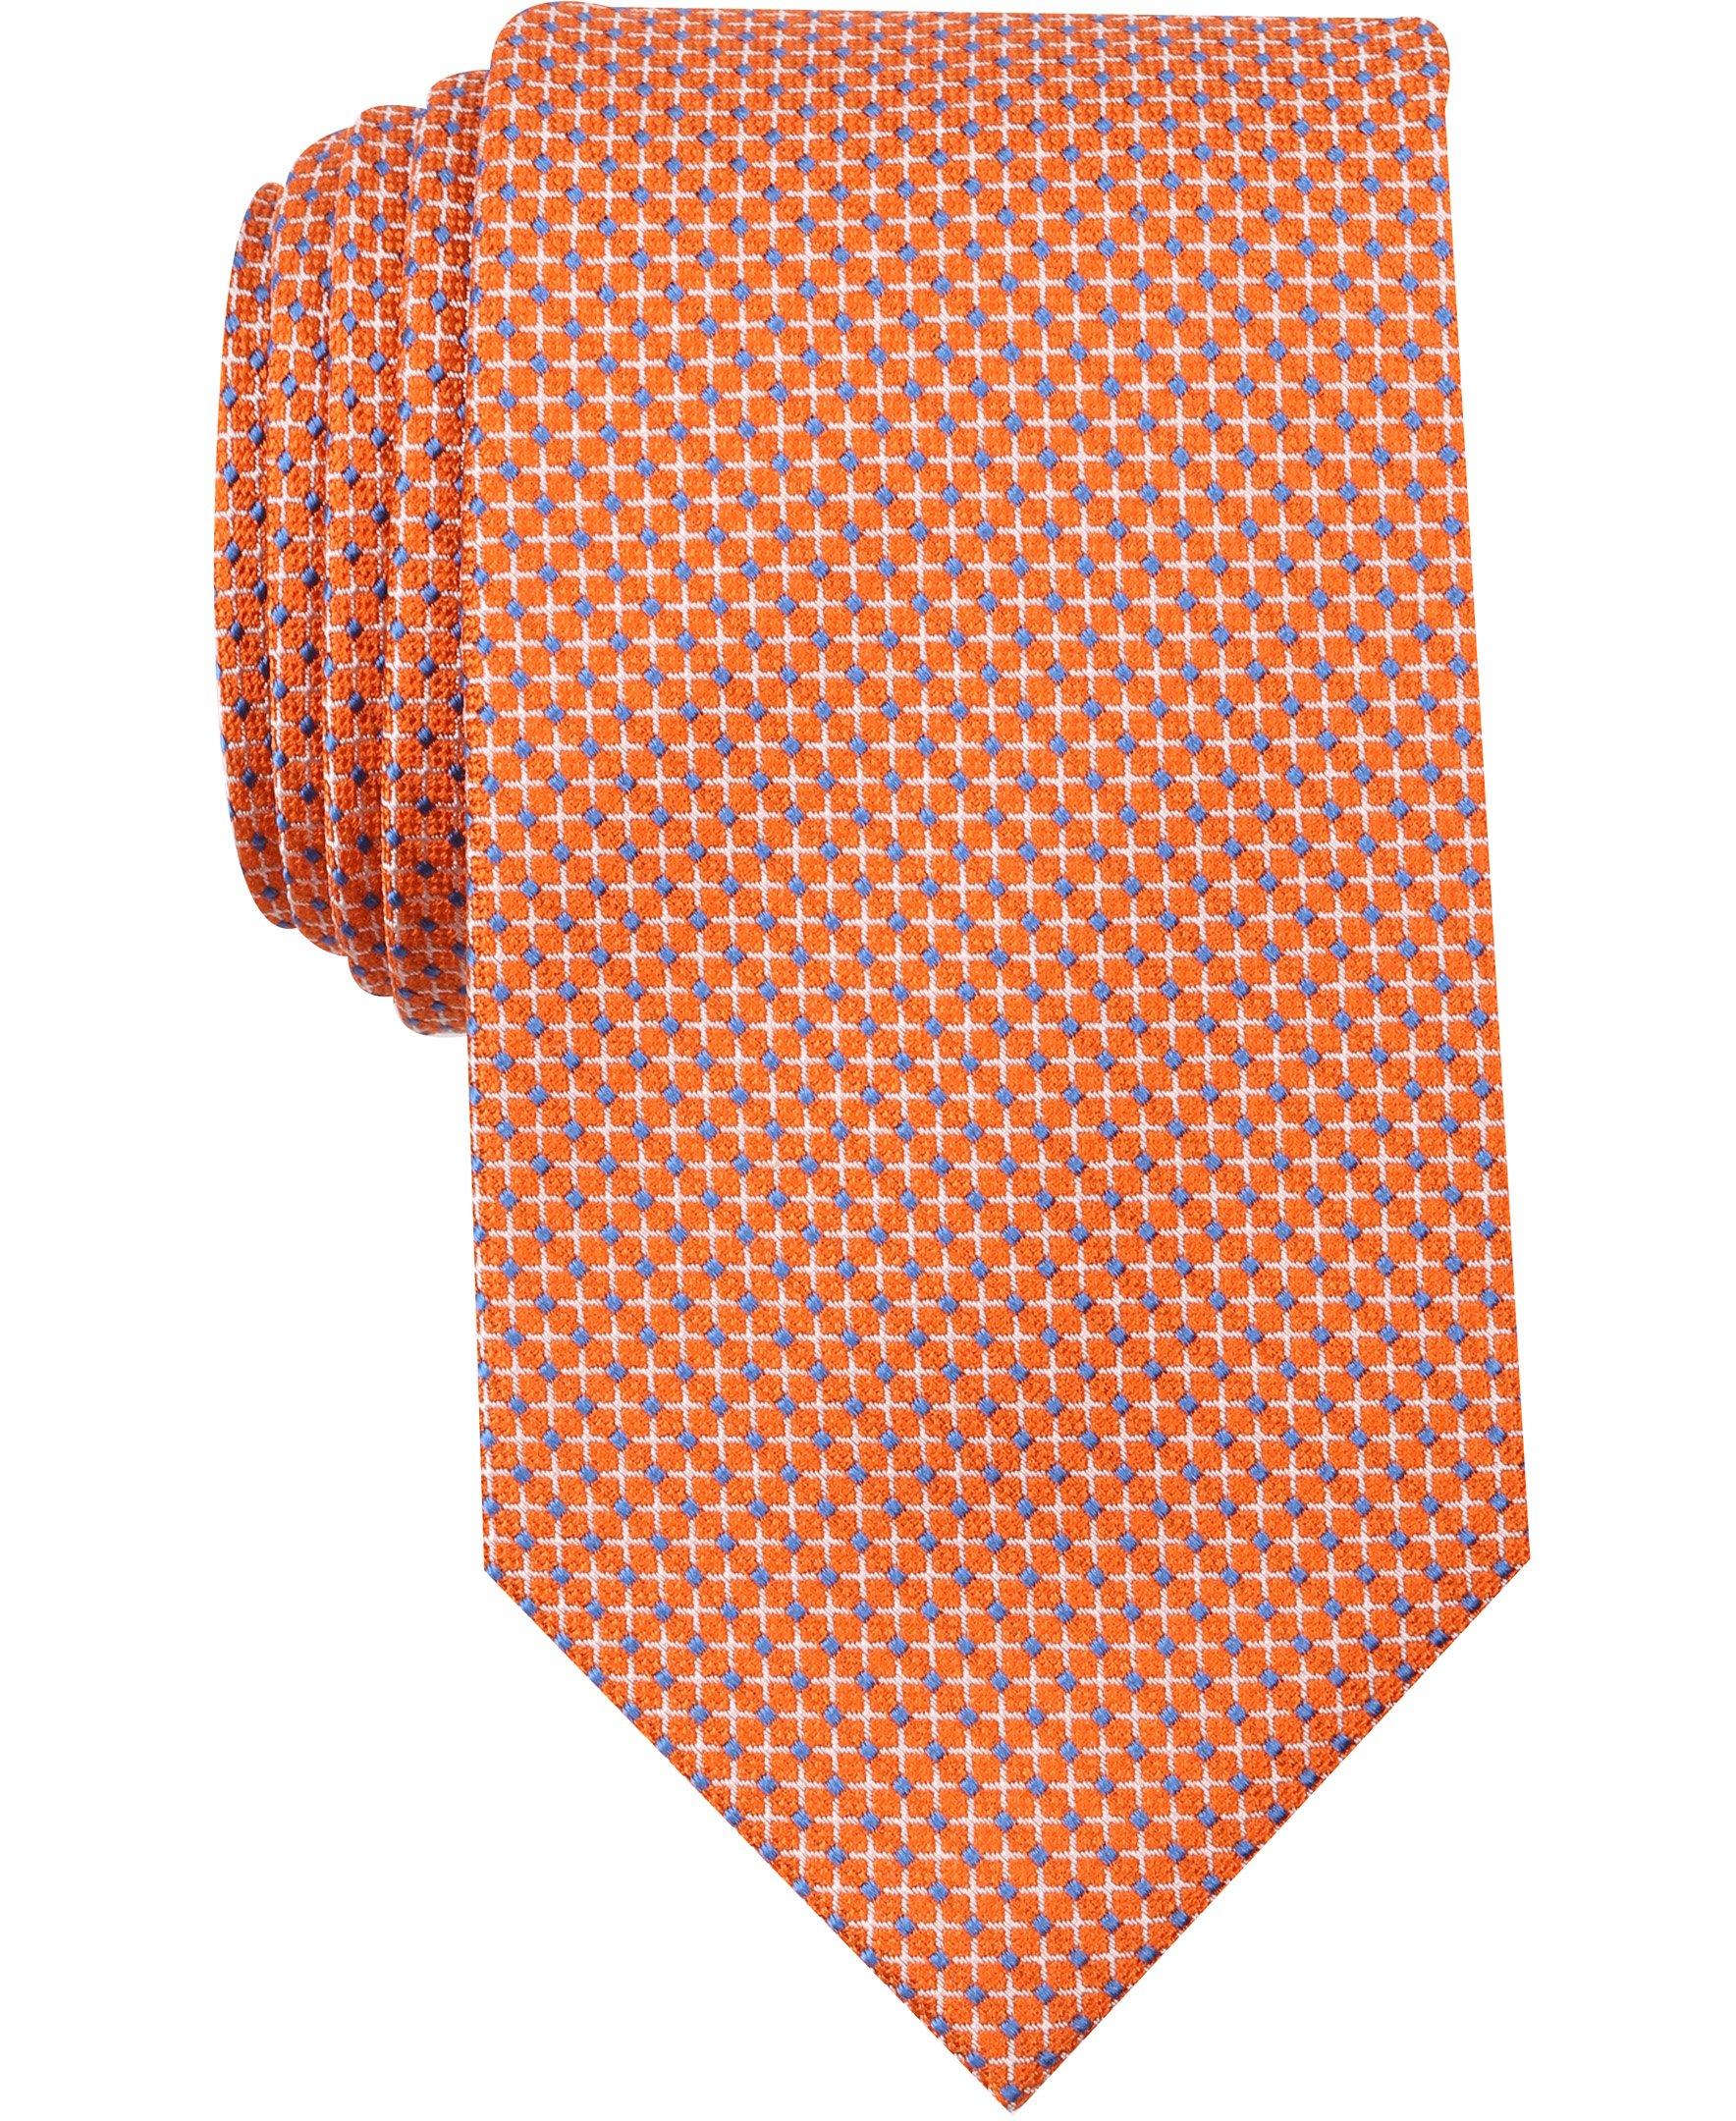 Nautica Men's Sole Neat Tie, Tangerine, One Size